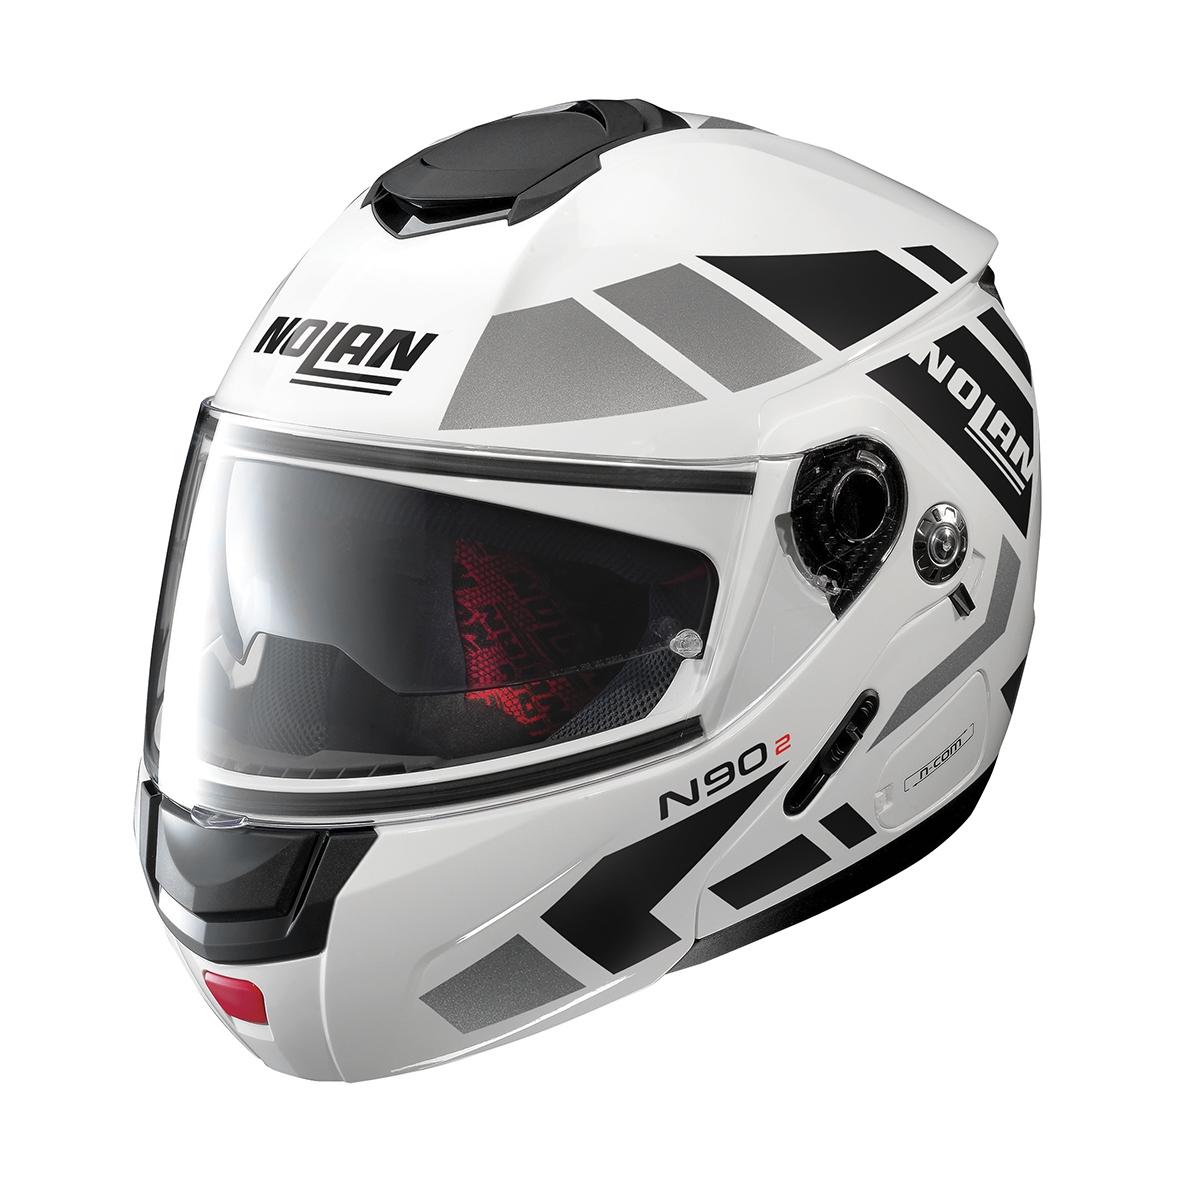 Moto helma Nolan N90-2 Euclid N-Com Metal White 28